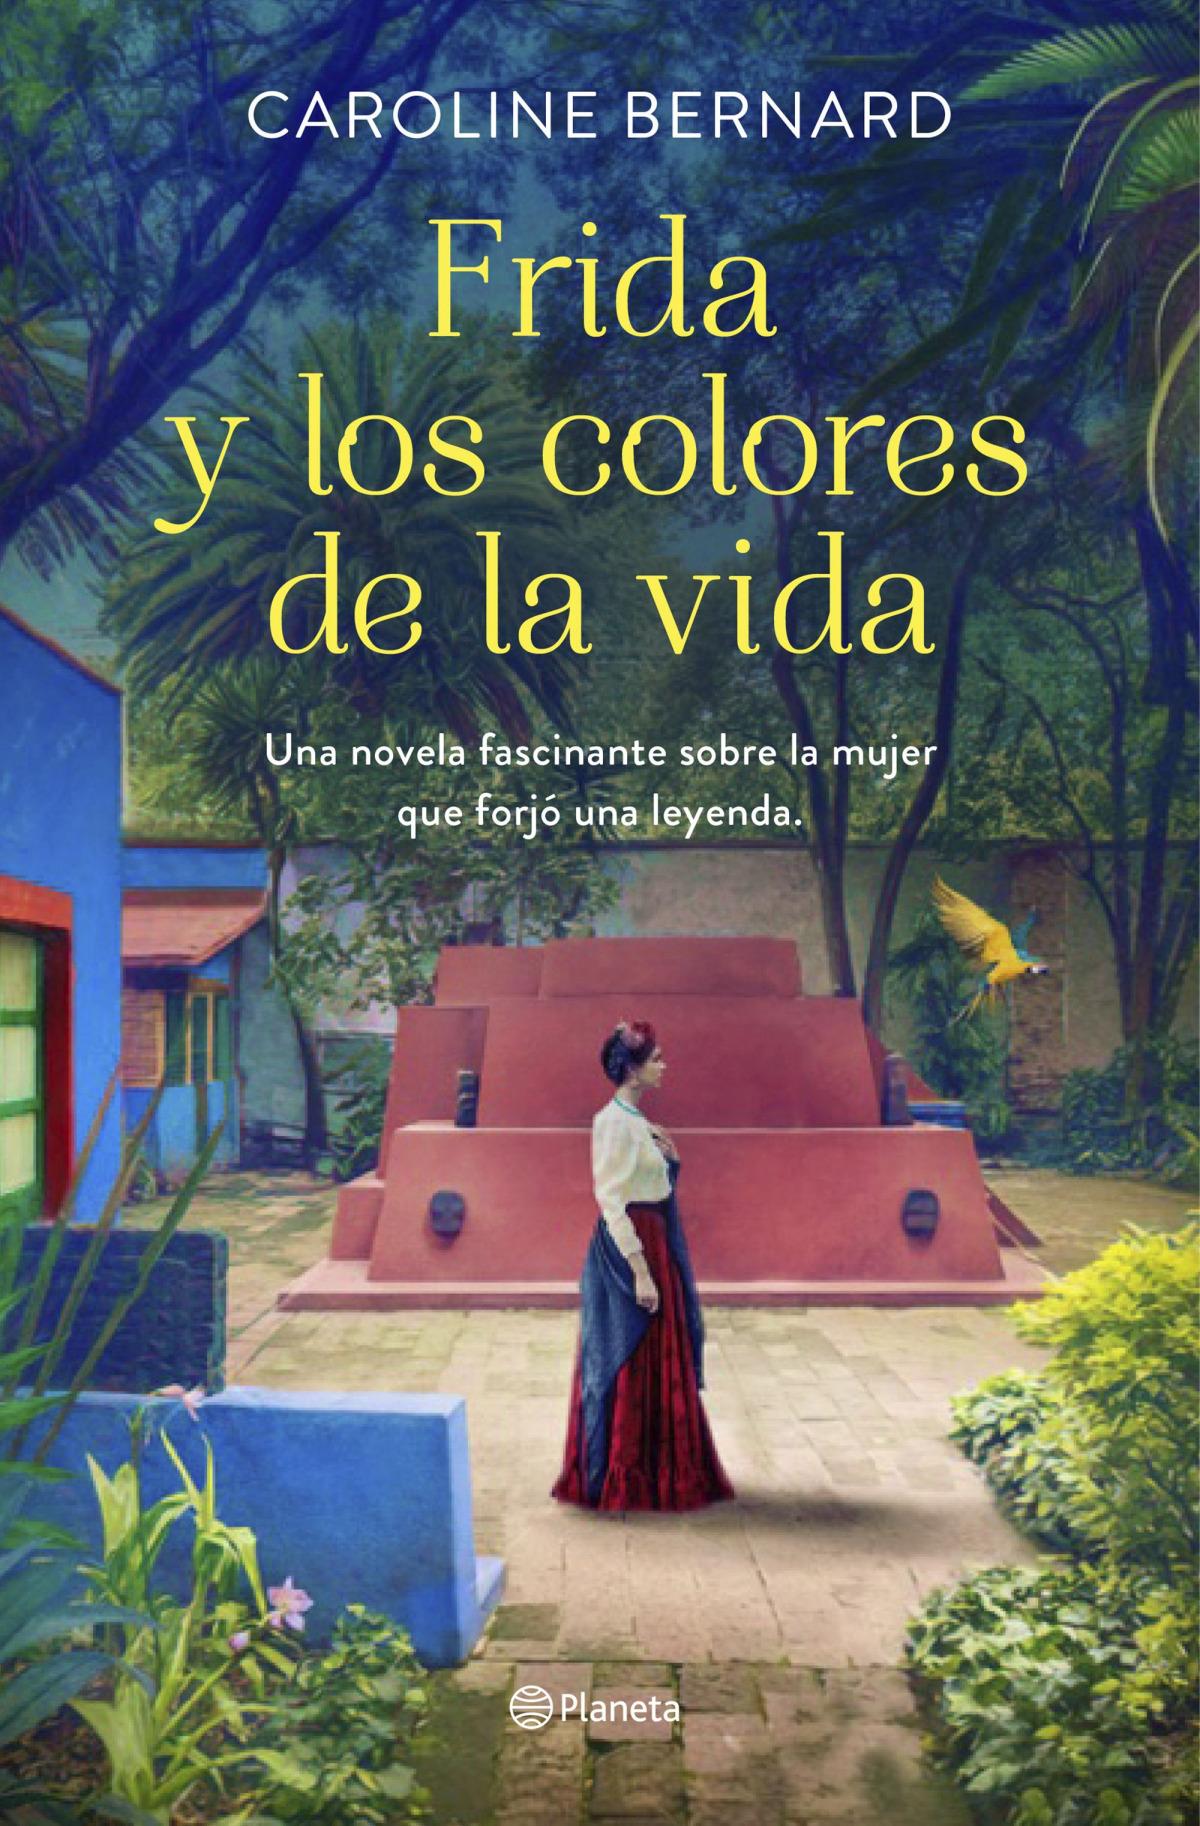 Frida y los colores de la vida 9788408241249